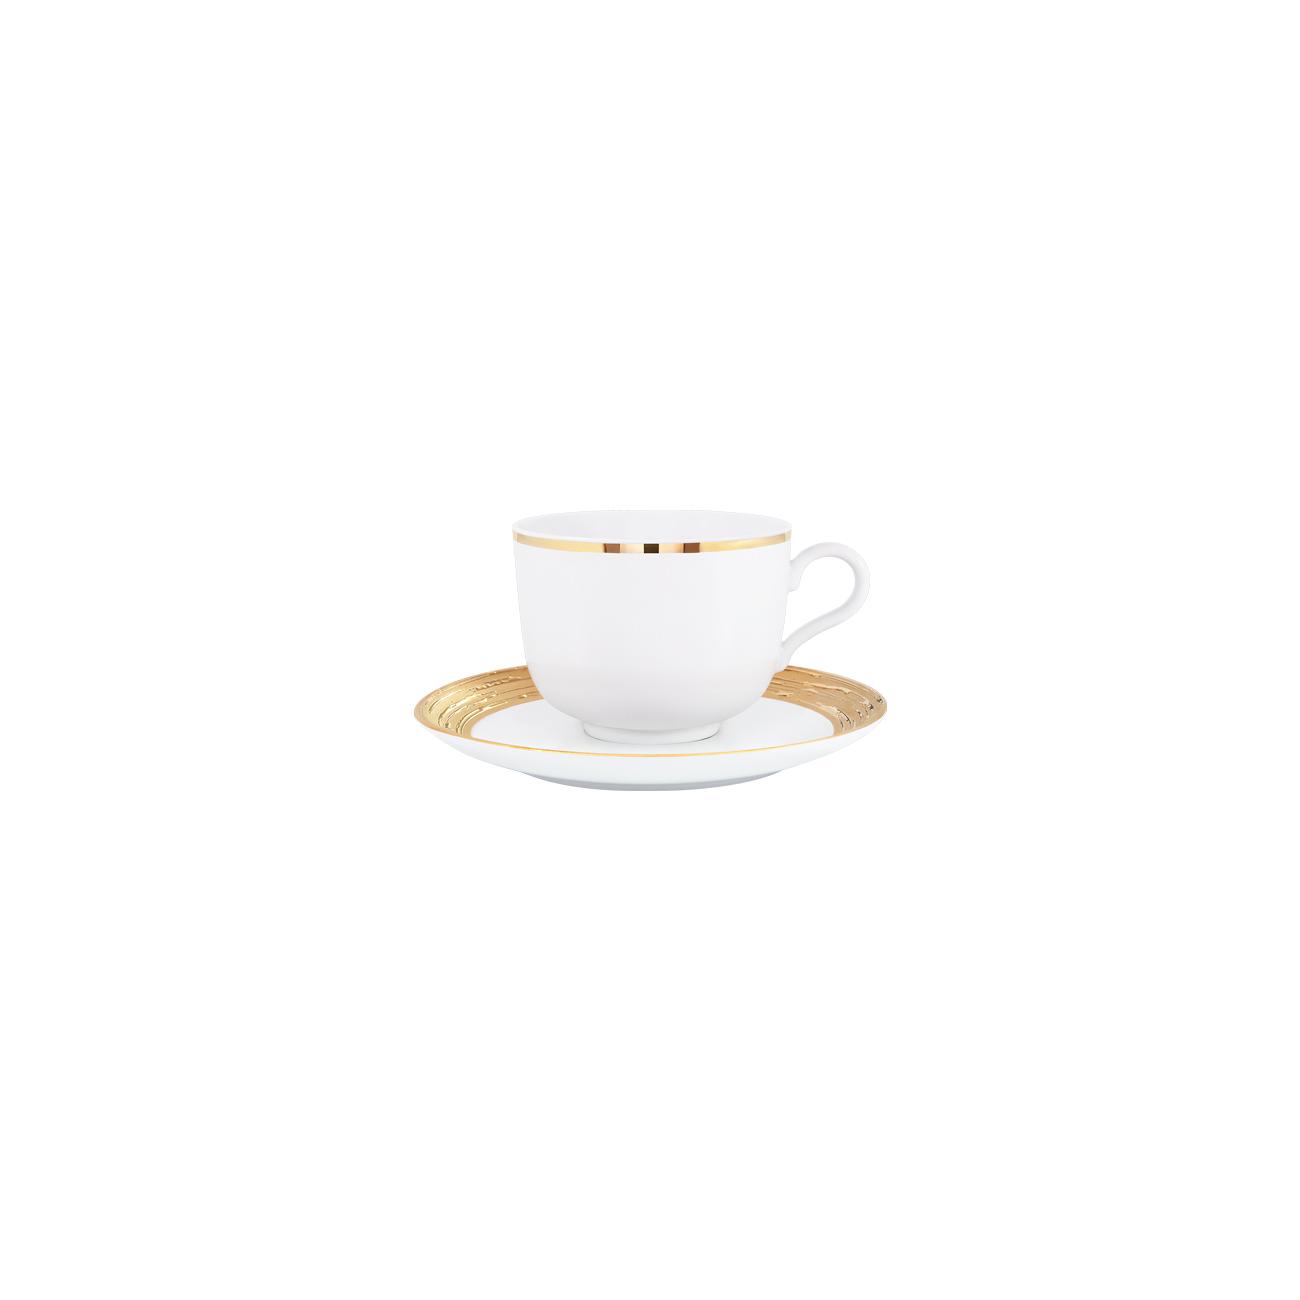 Chávena Chá 28cl Antar + Pires Chá 15cm Olympus 0